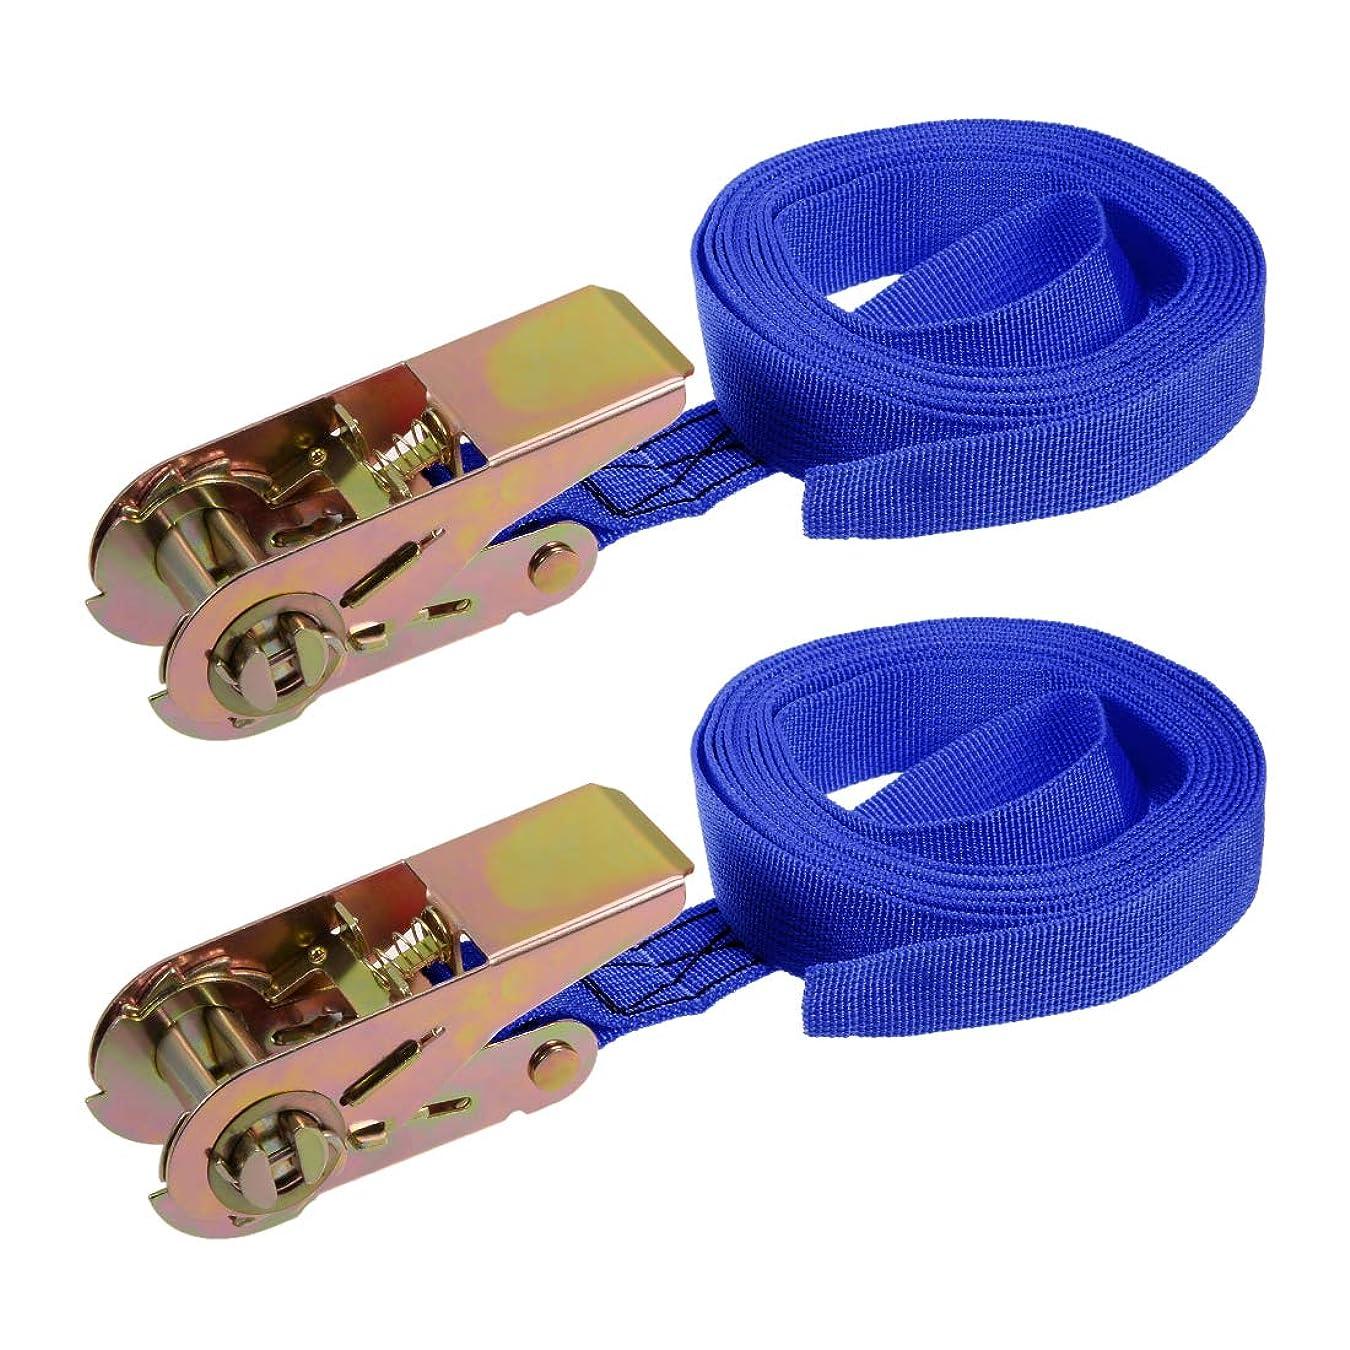 uxcell 荷物ストラップ ラチェット式 貨物輸送 荷物落下防止 荷物固定ロープ 荷締めベルト ブルー 3Mx25mm 250Kg ネクタイラッシングストラップ 2個入り